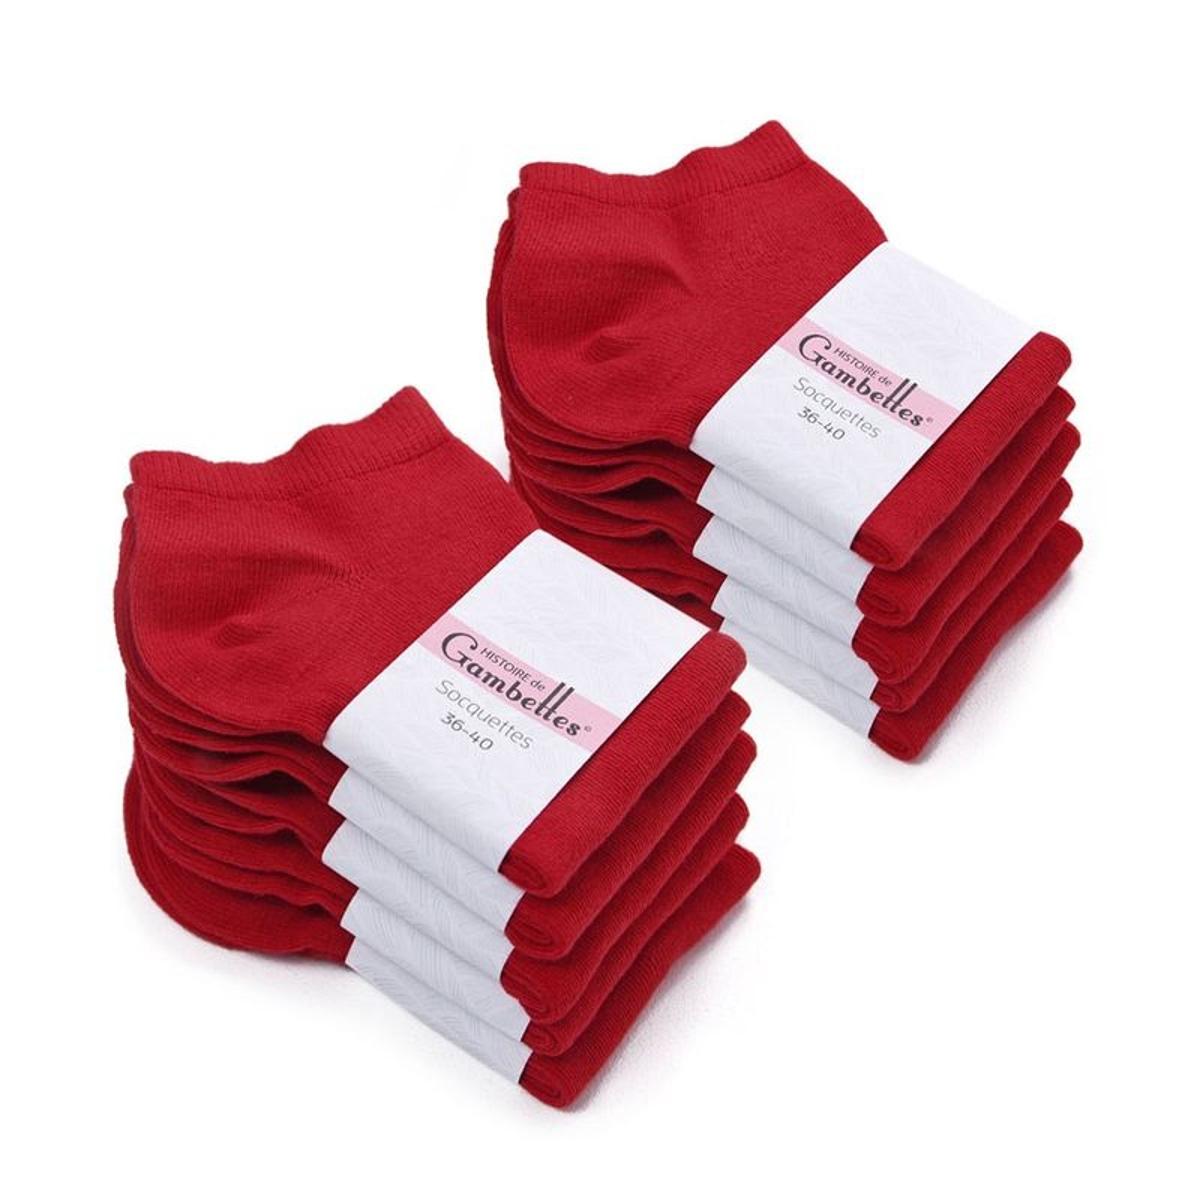 Socquettes Femme coton Rouge Vermillon (Lot de 10) - Fabriqué en europe